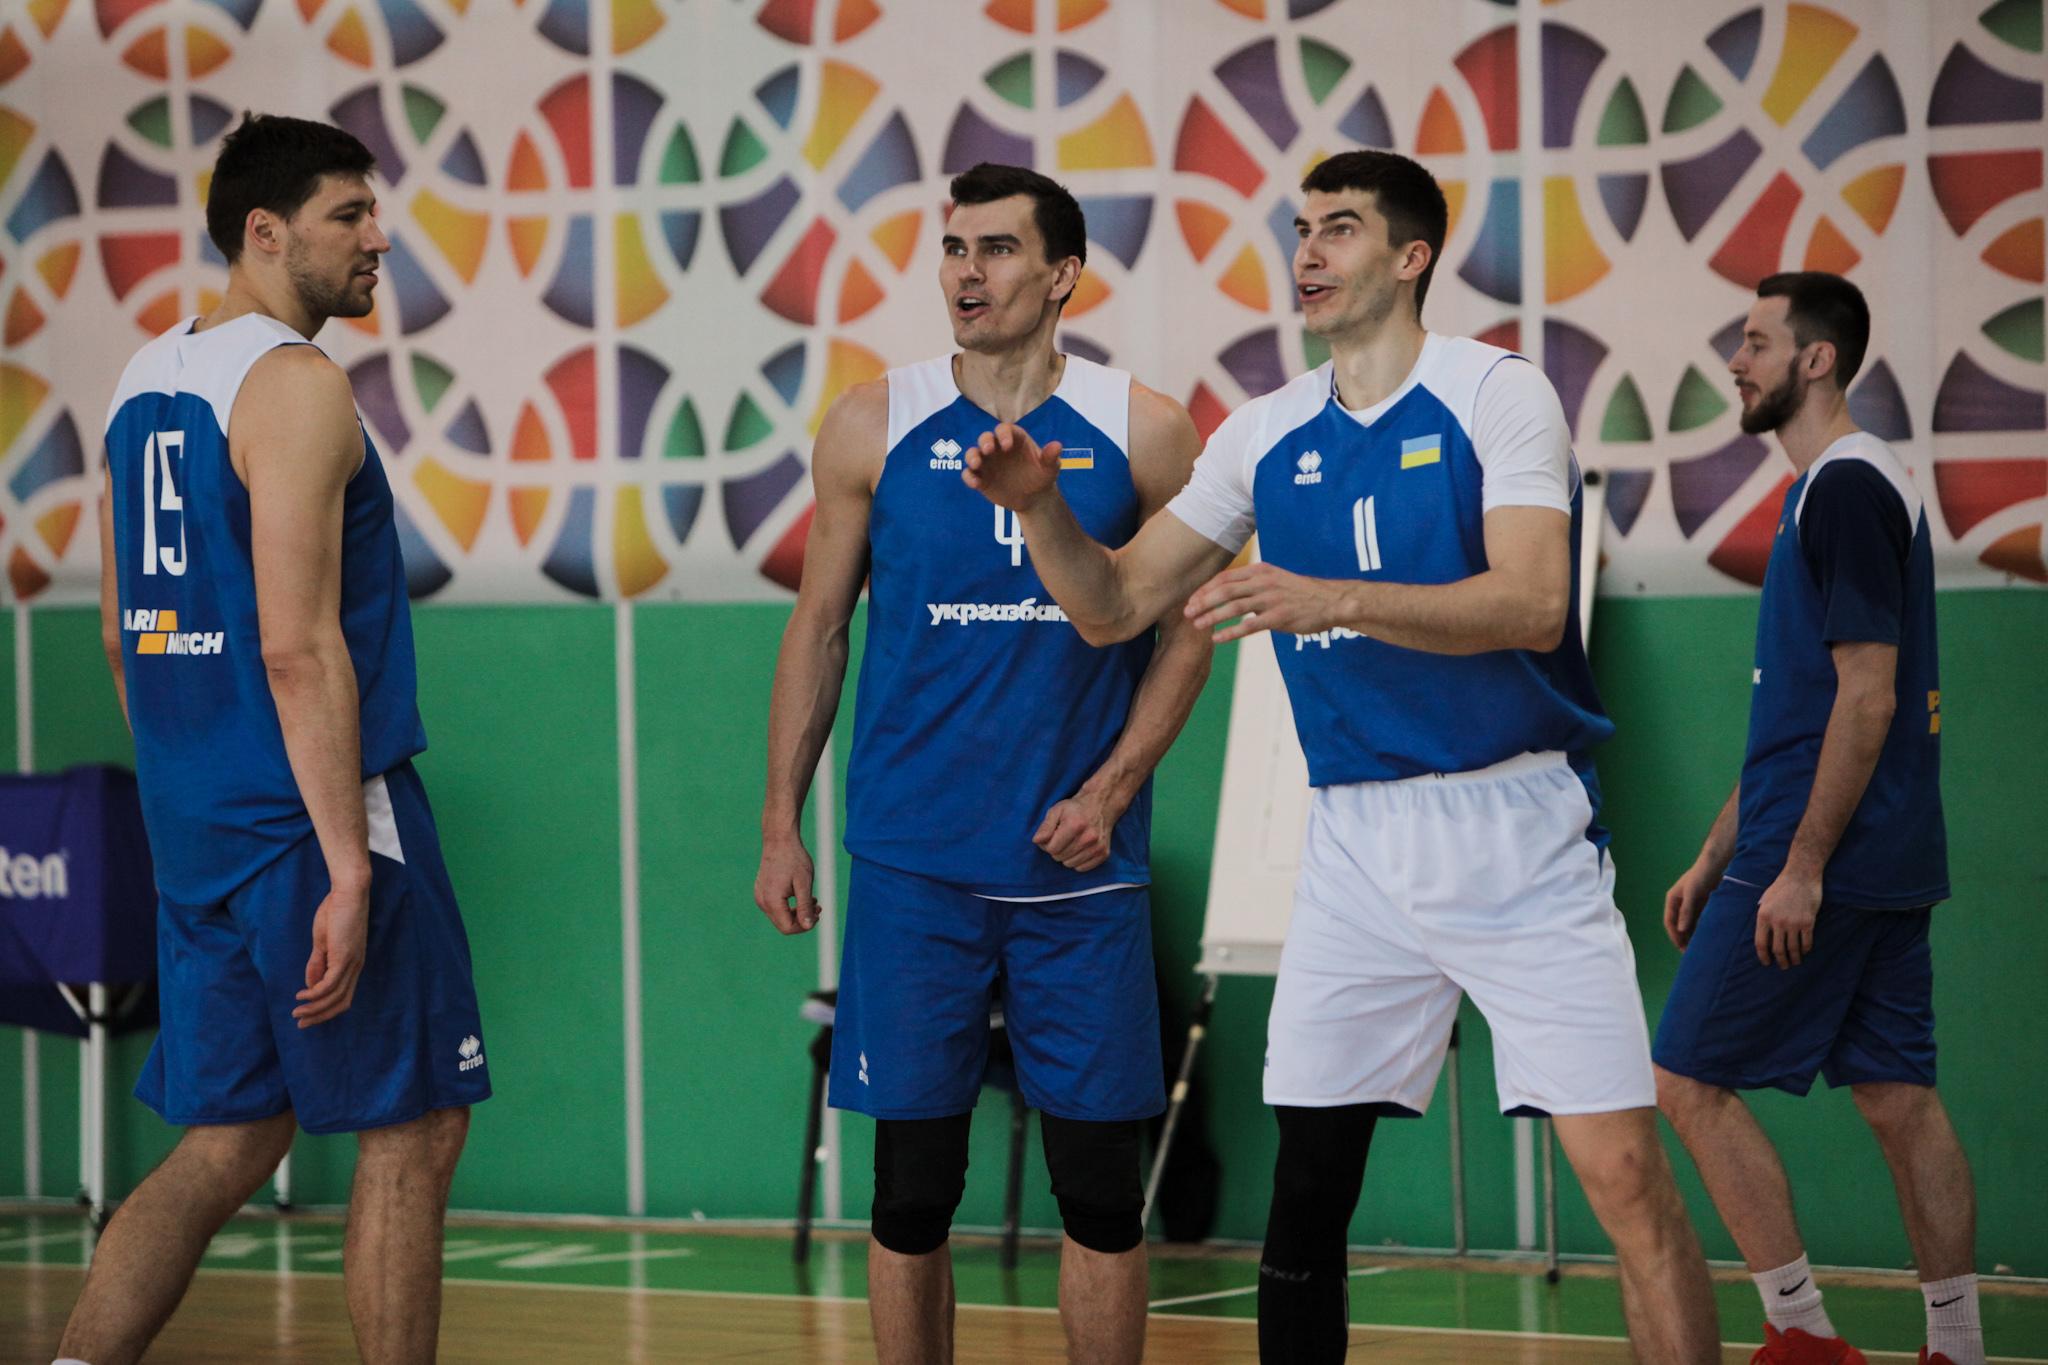 Збірна України провела відкрите тренування напередодні матчу з Чорногорією